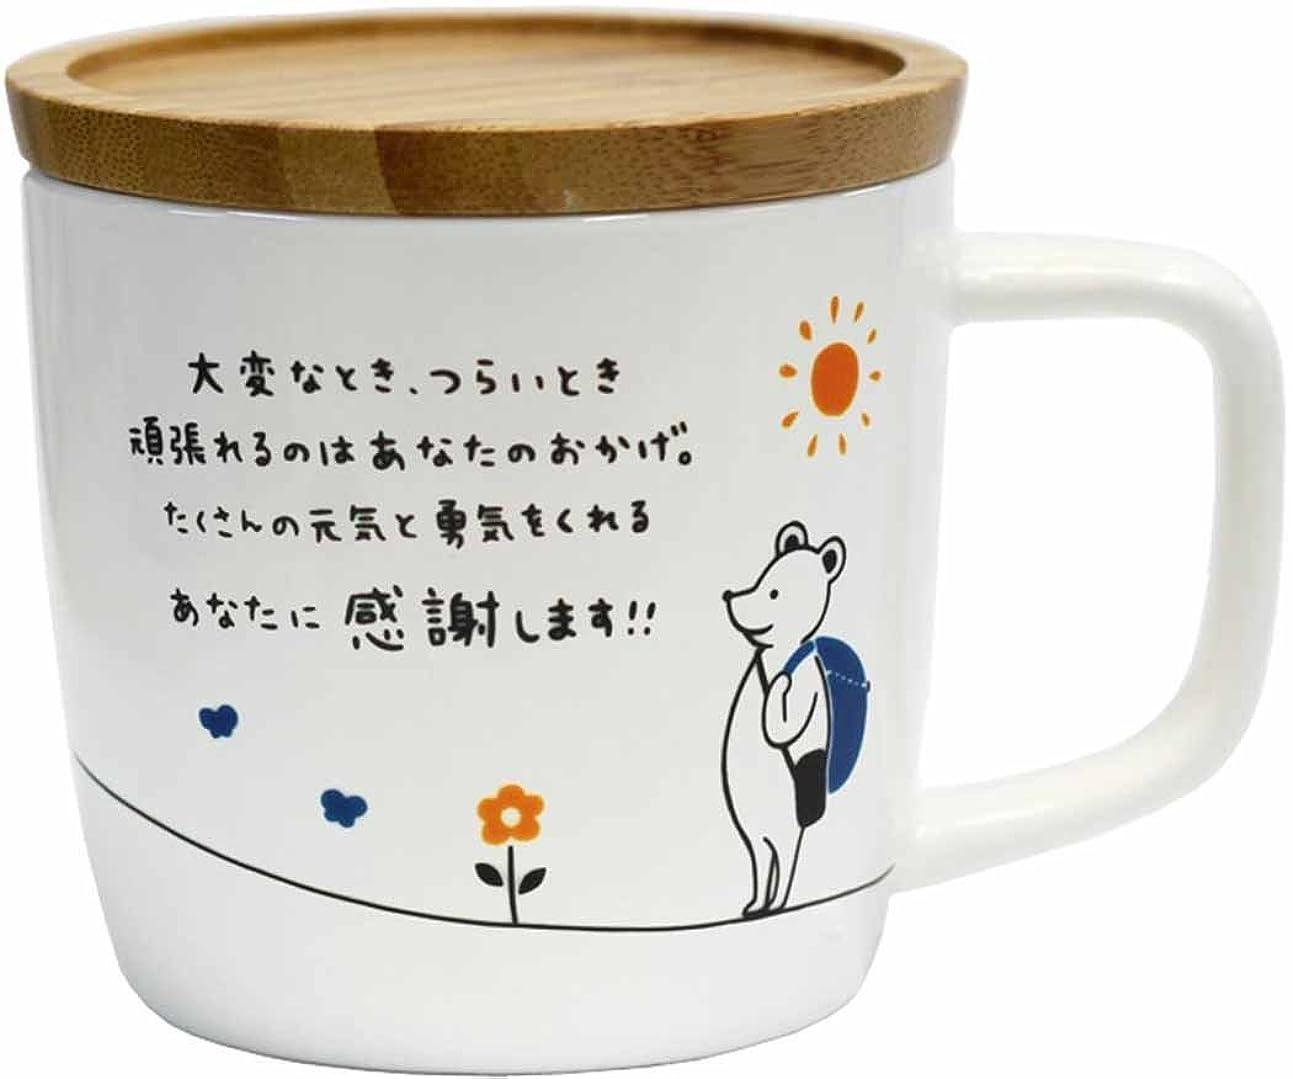 前奏曲ゾーン言い換えるとかわいい 雑貨 KIMOCHI Mug(キモチマグマグカップ) メッセージマグカップ 感謝